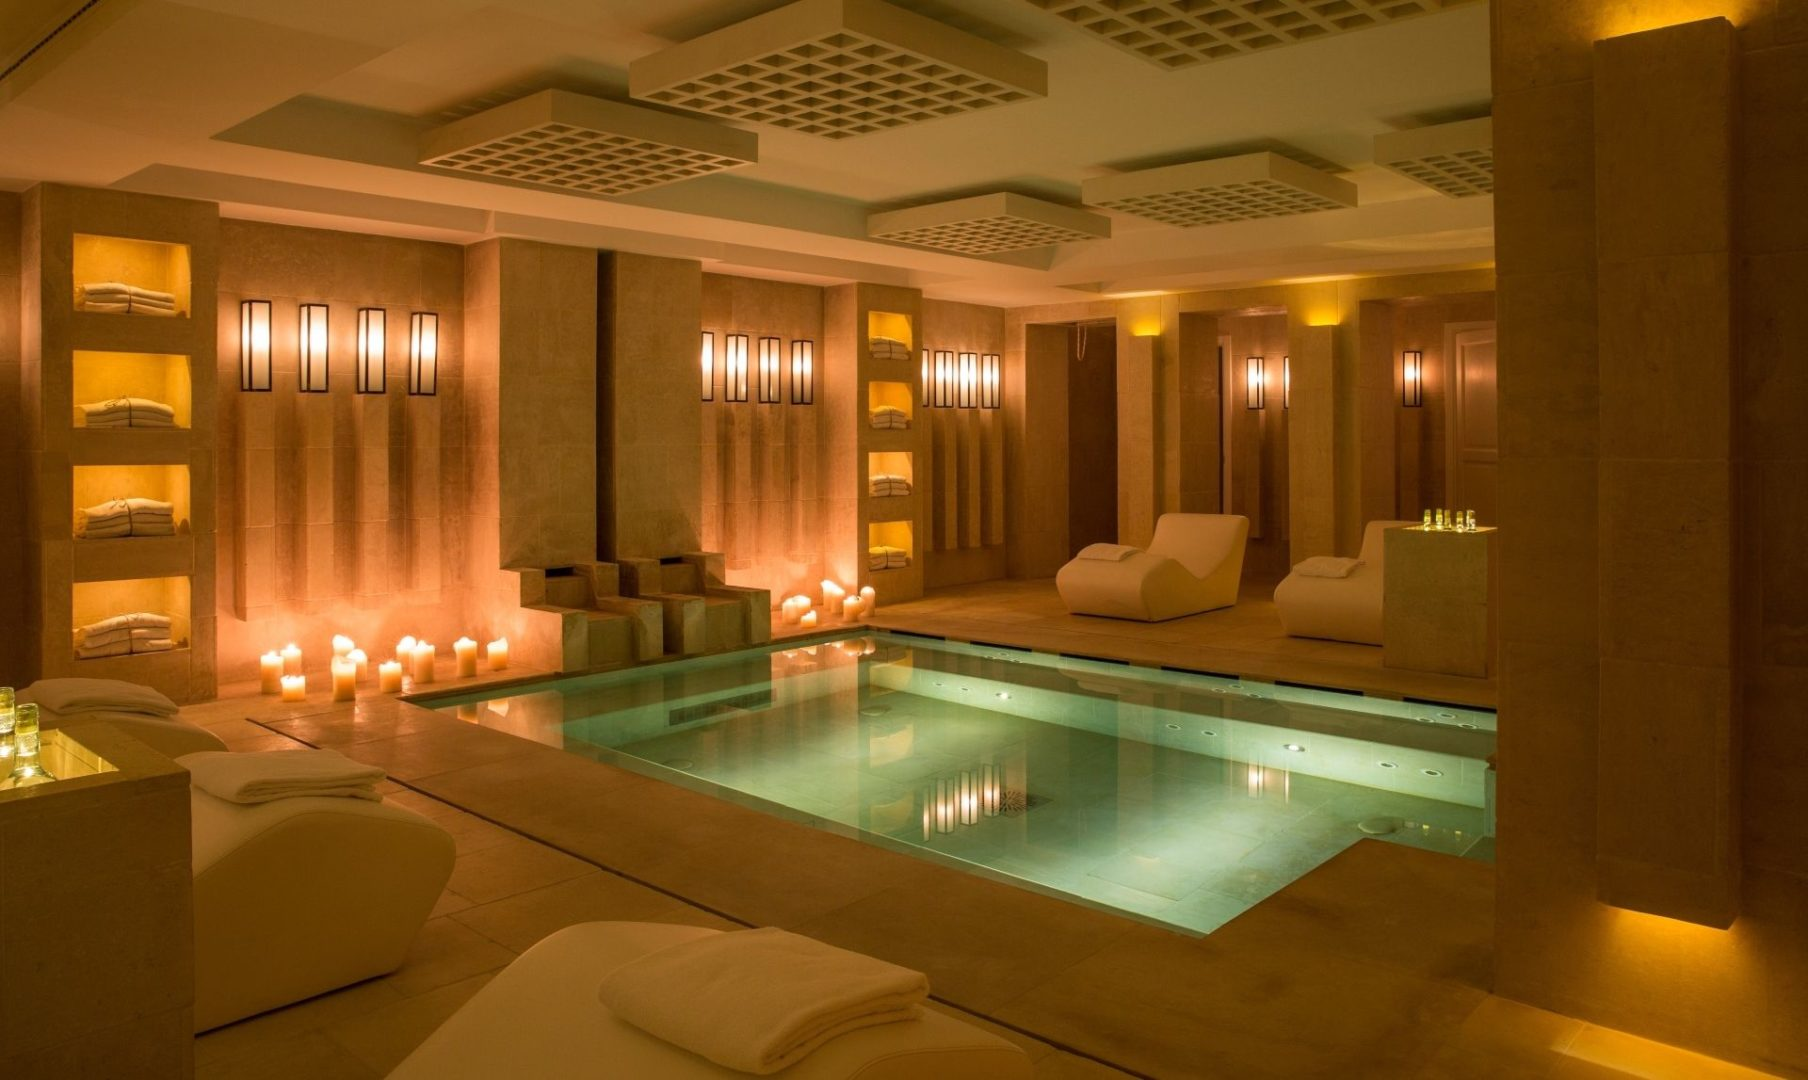 The Vair Spa pool